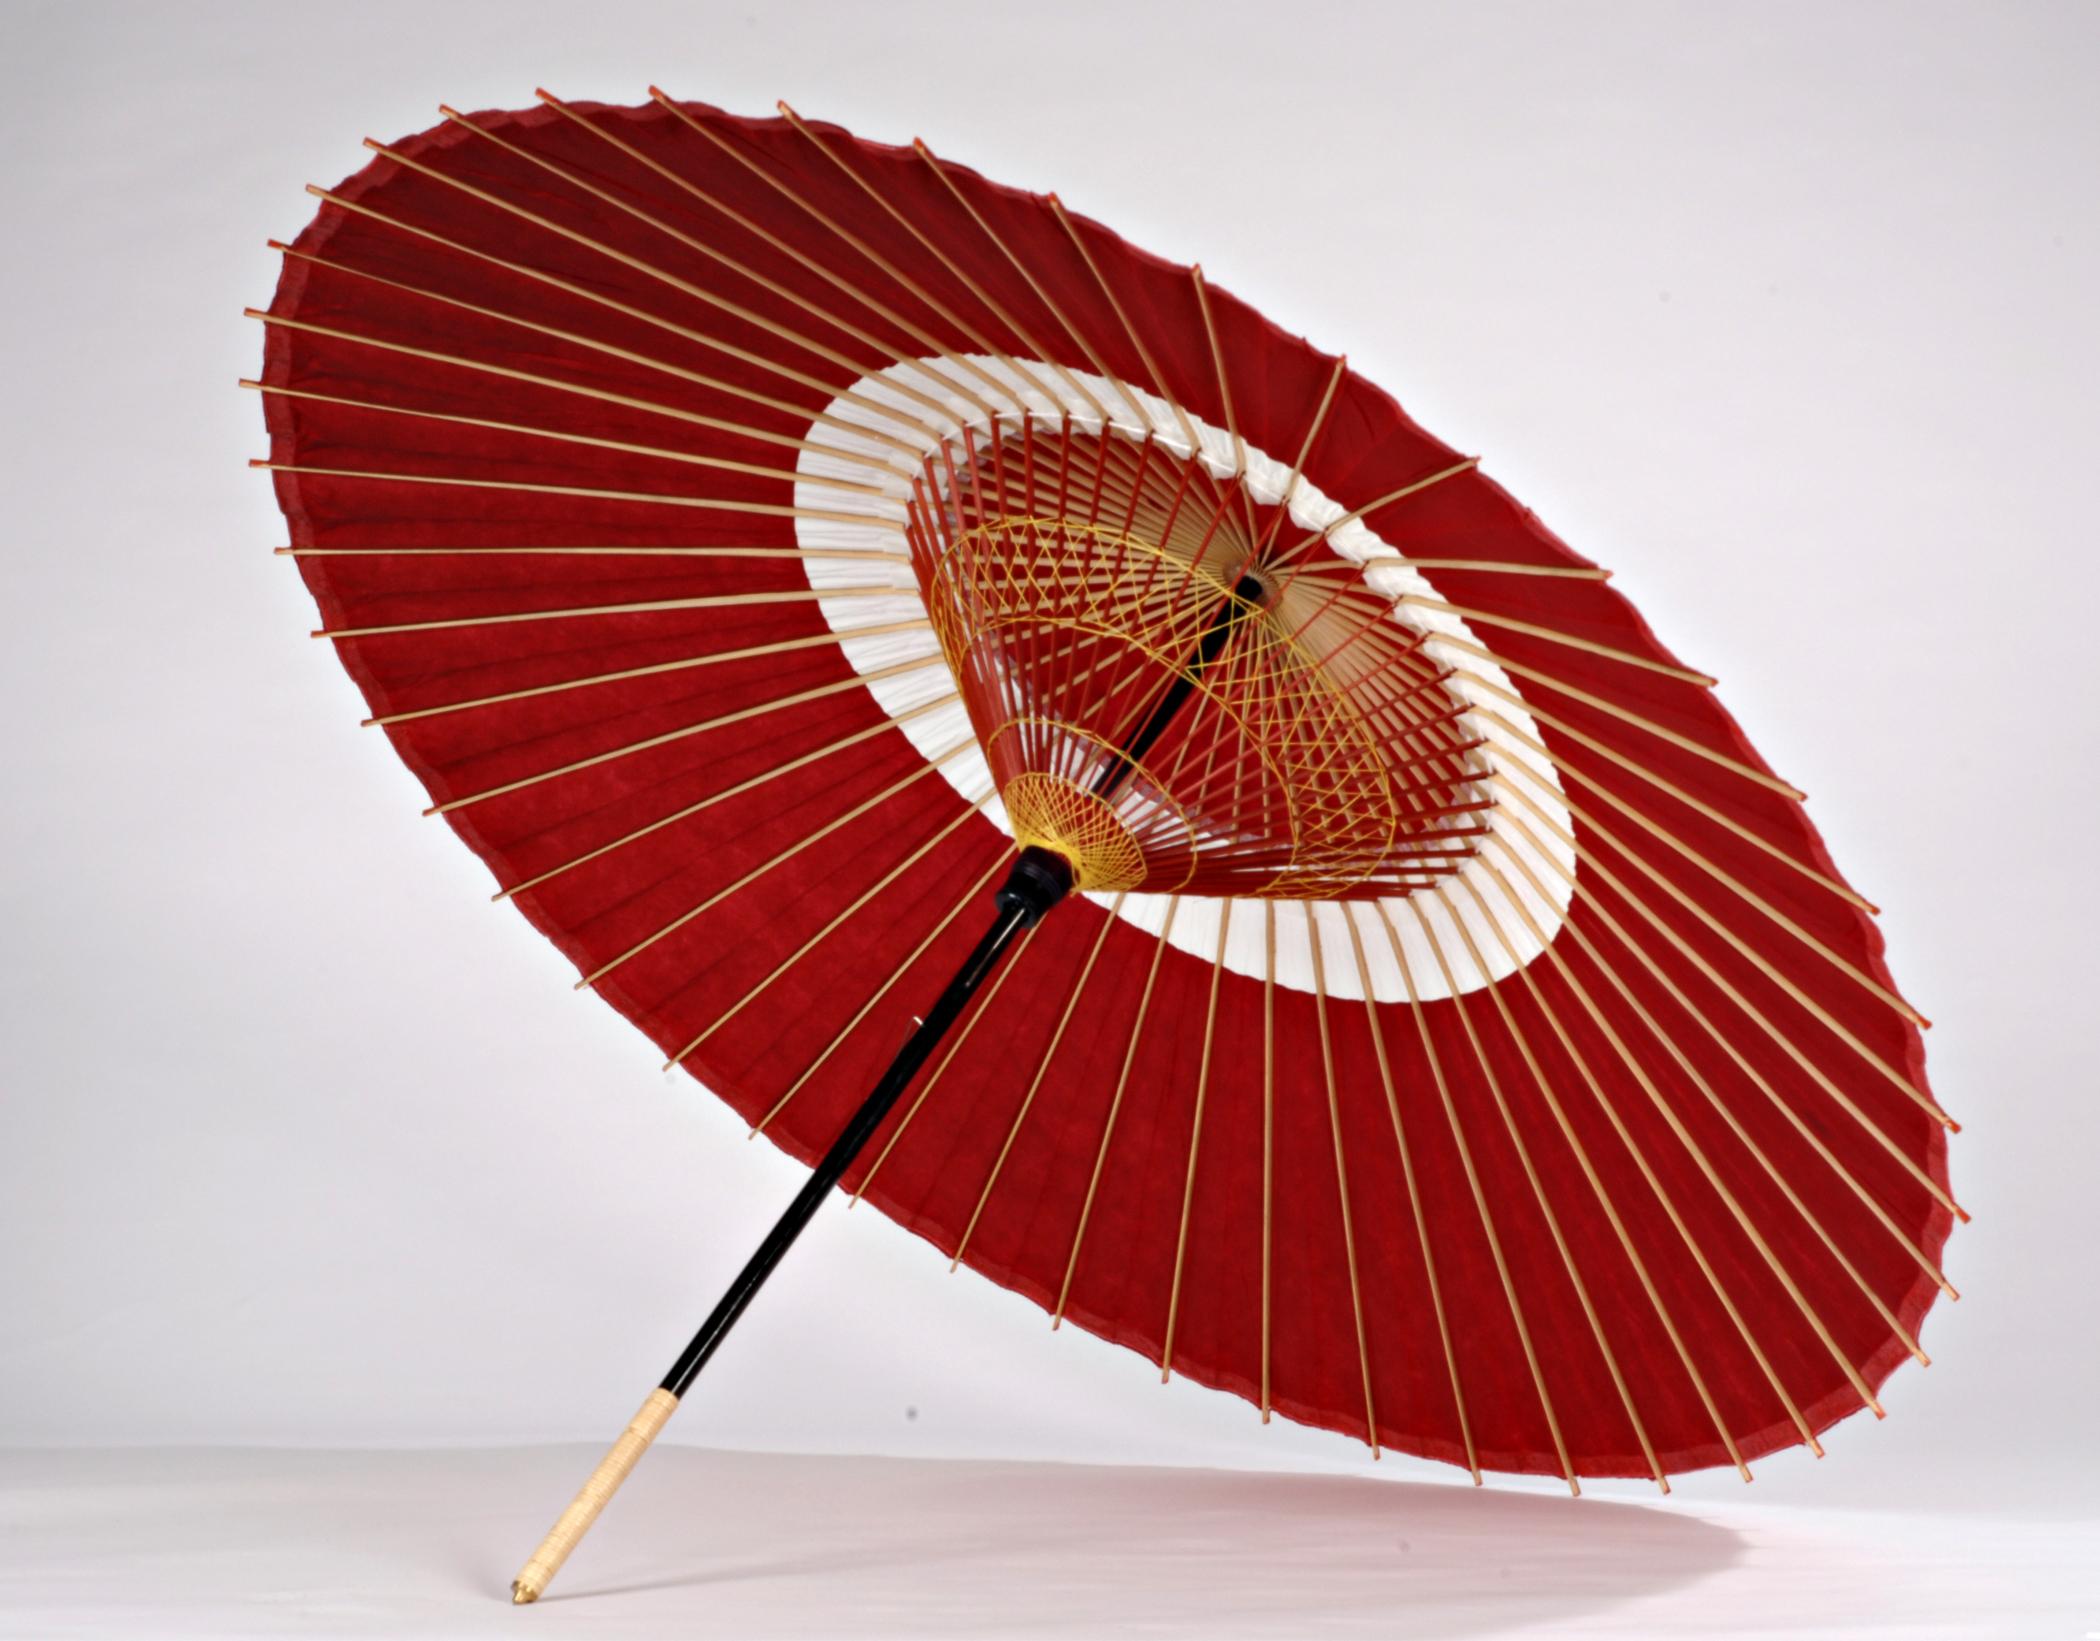 Китайский зонтик картинки